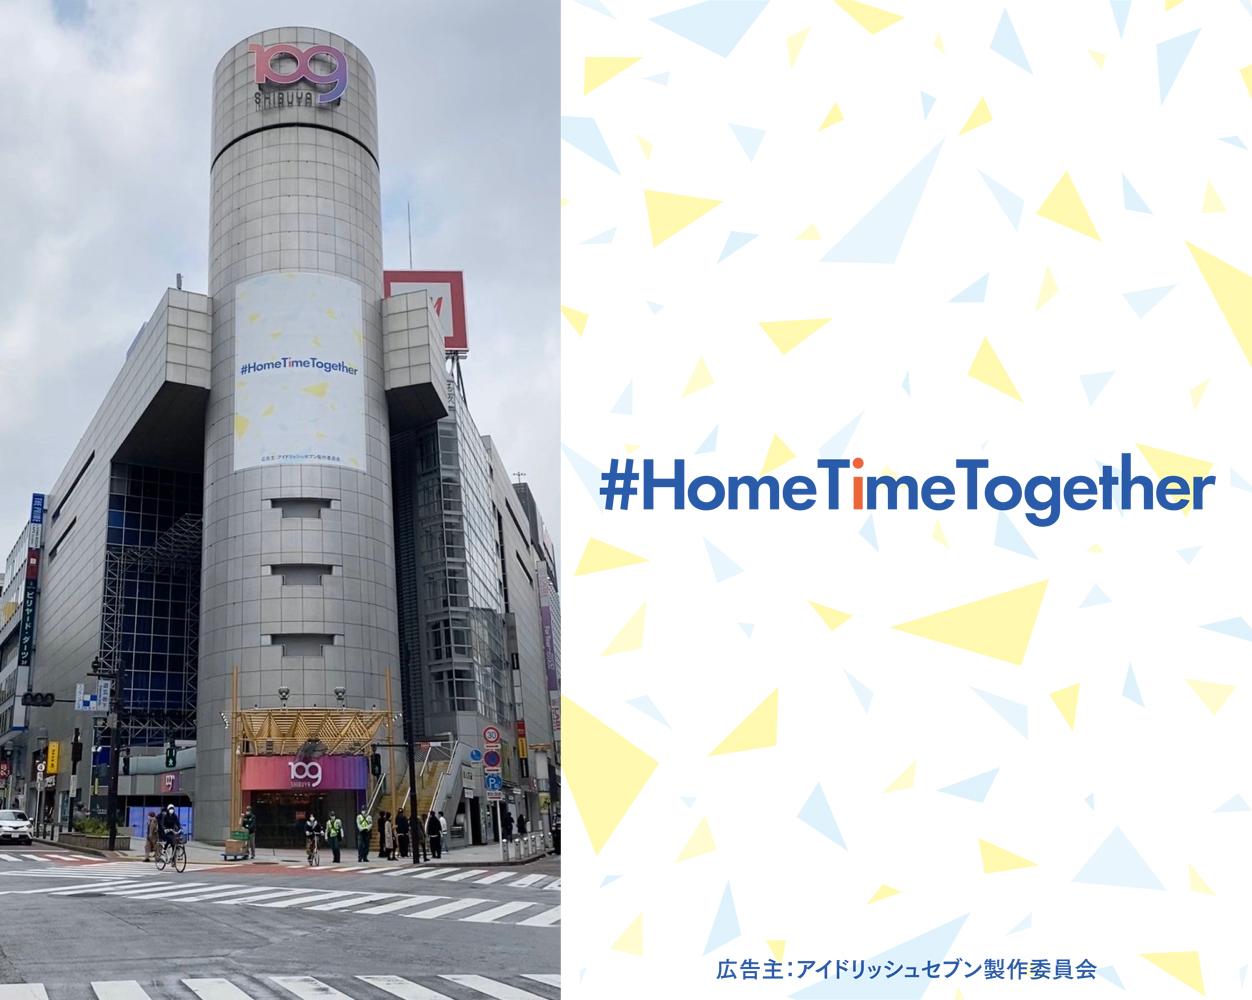 『アイナナ』SHIBUYA109広告「今までで1番感動したポスター」と語るツイートが話題に